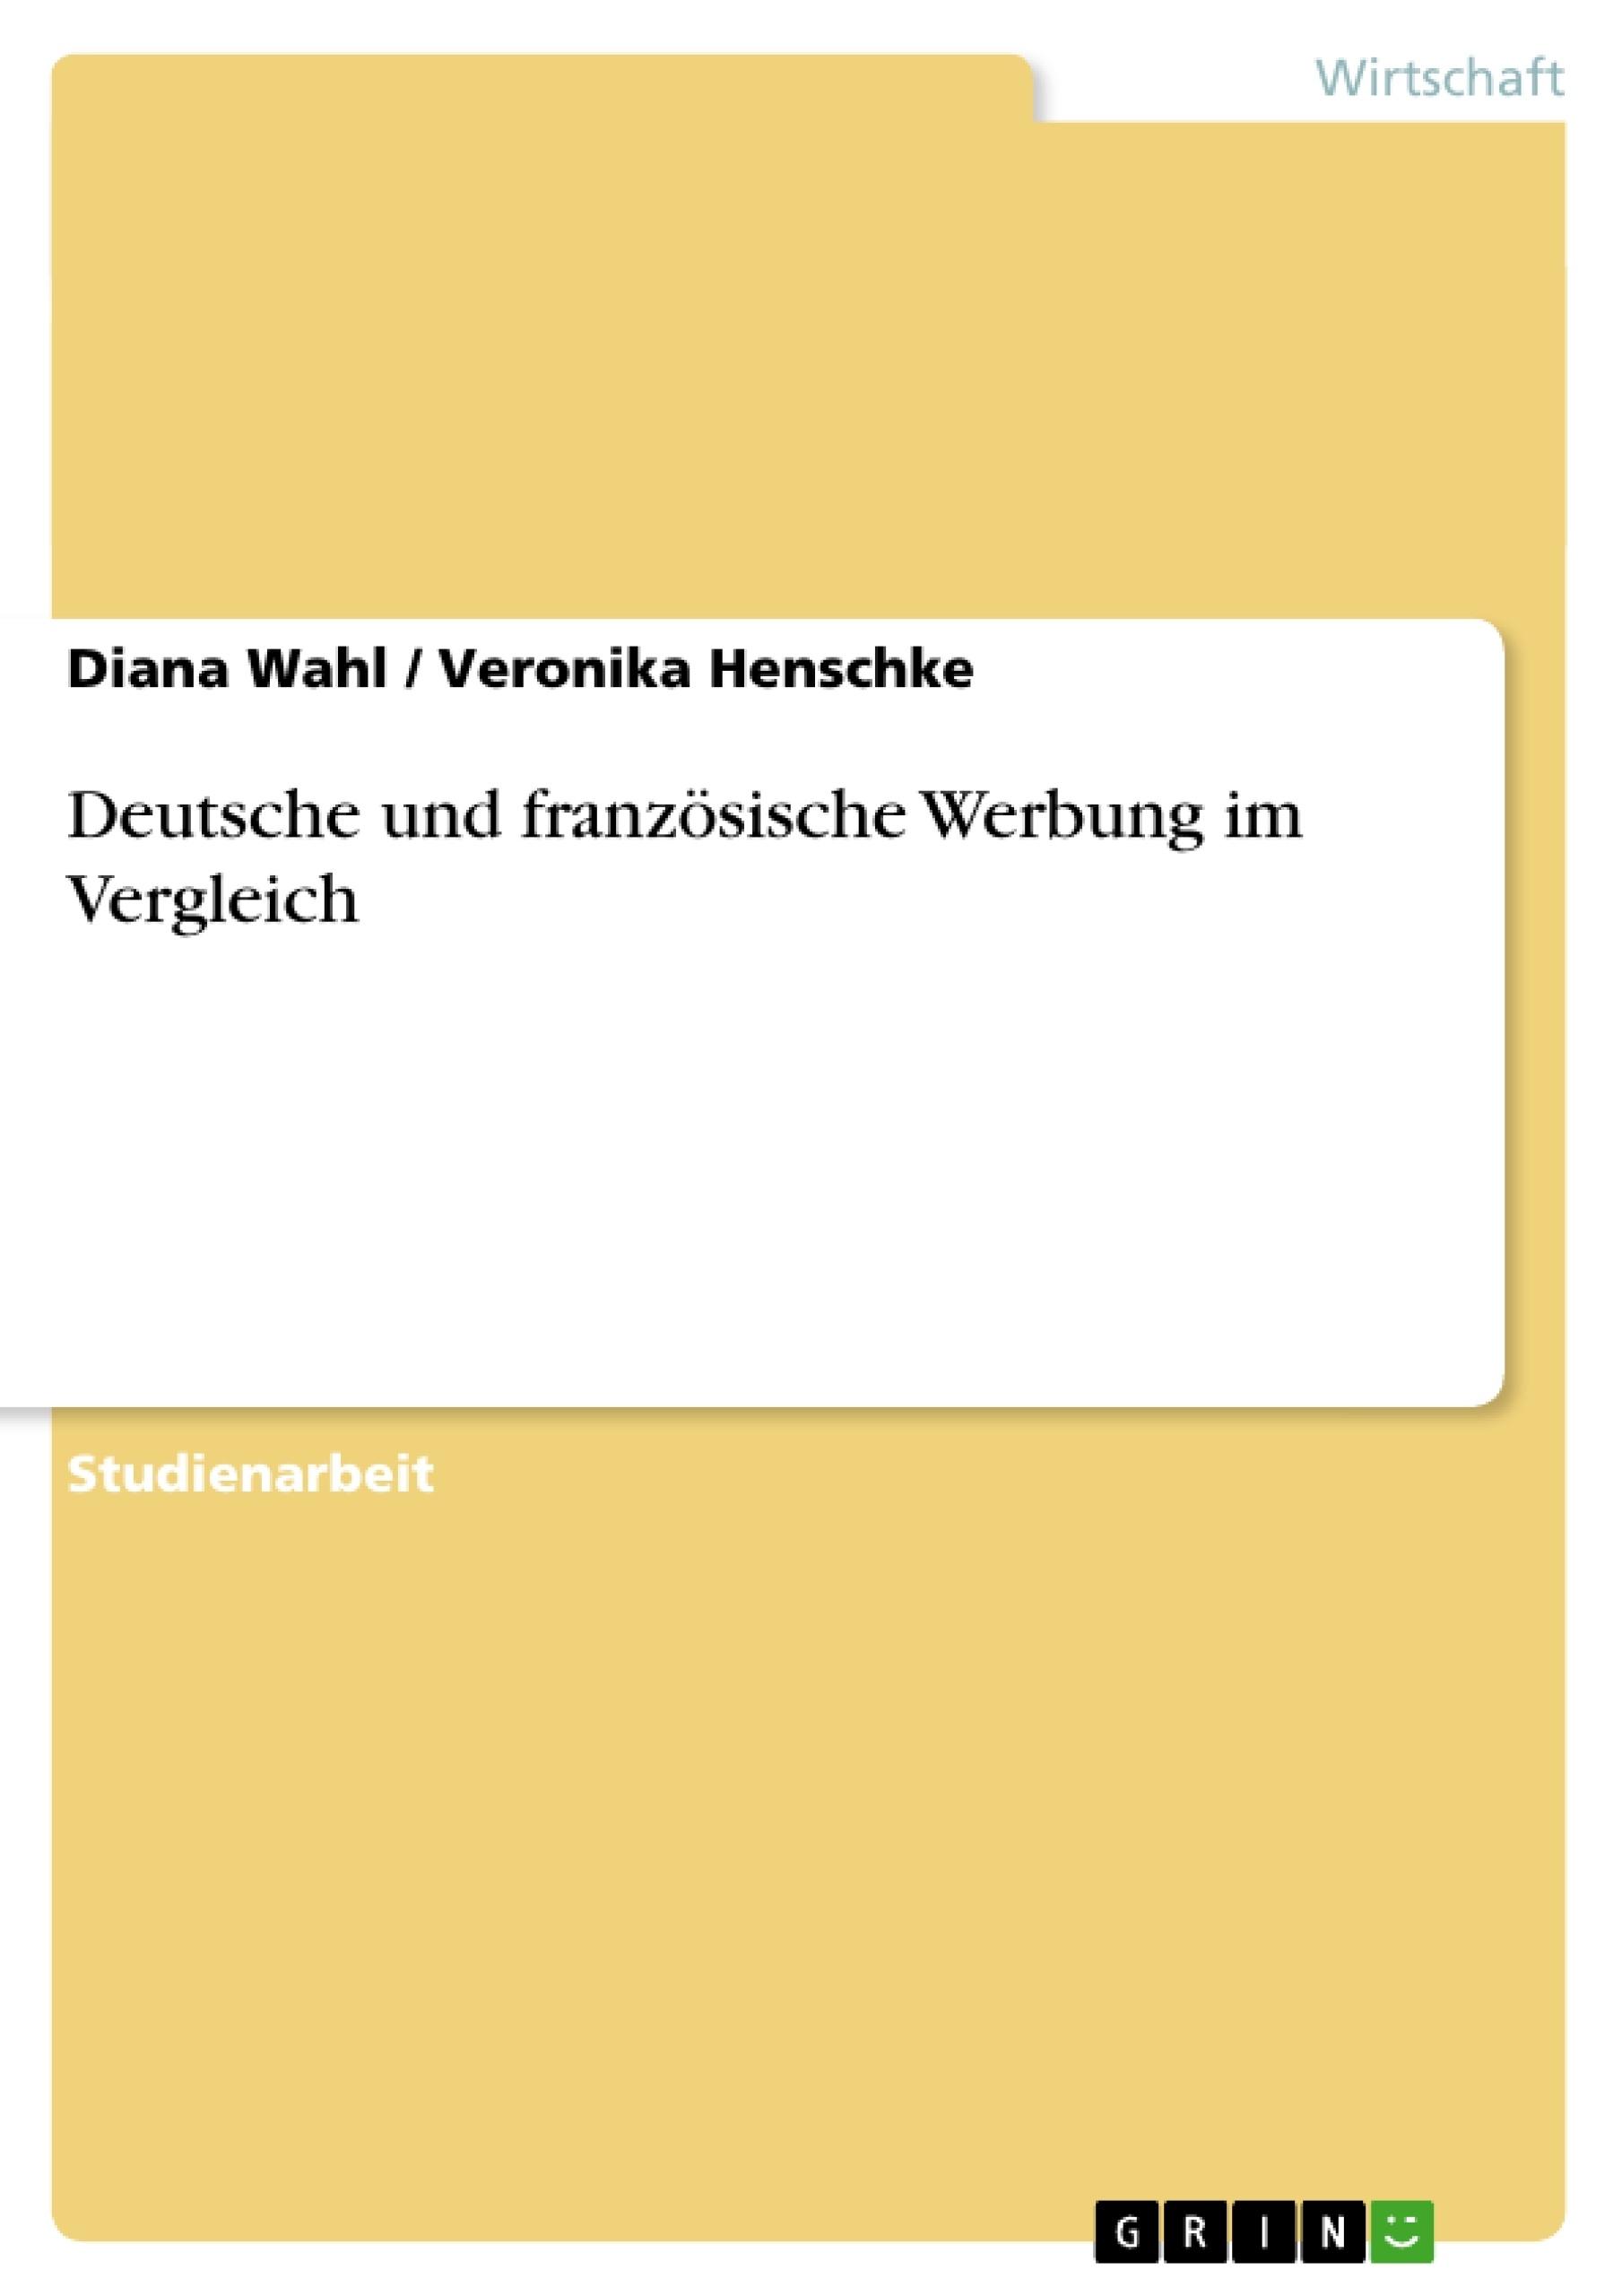 Titel: Deutsche und französische Werbung im Vergleich